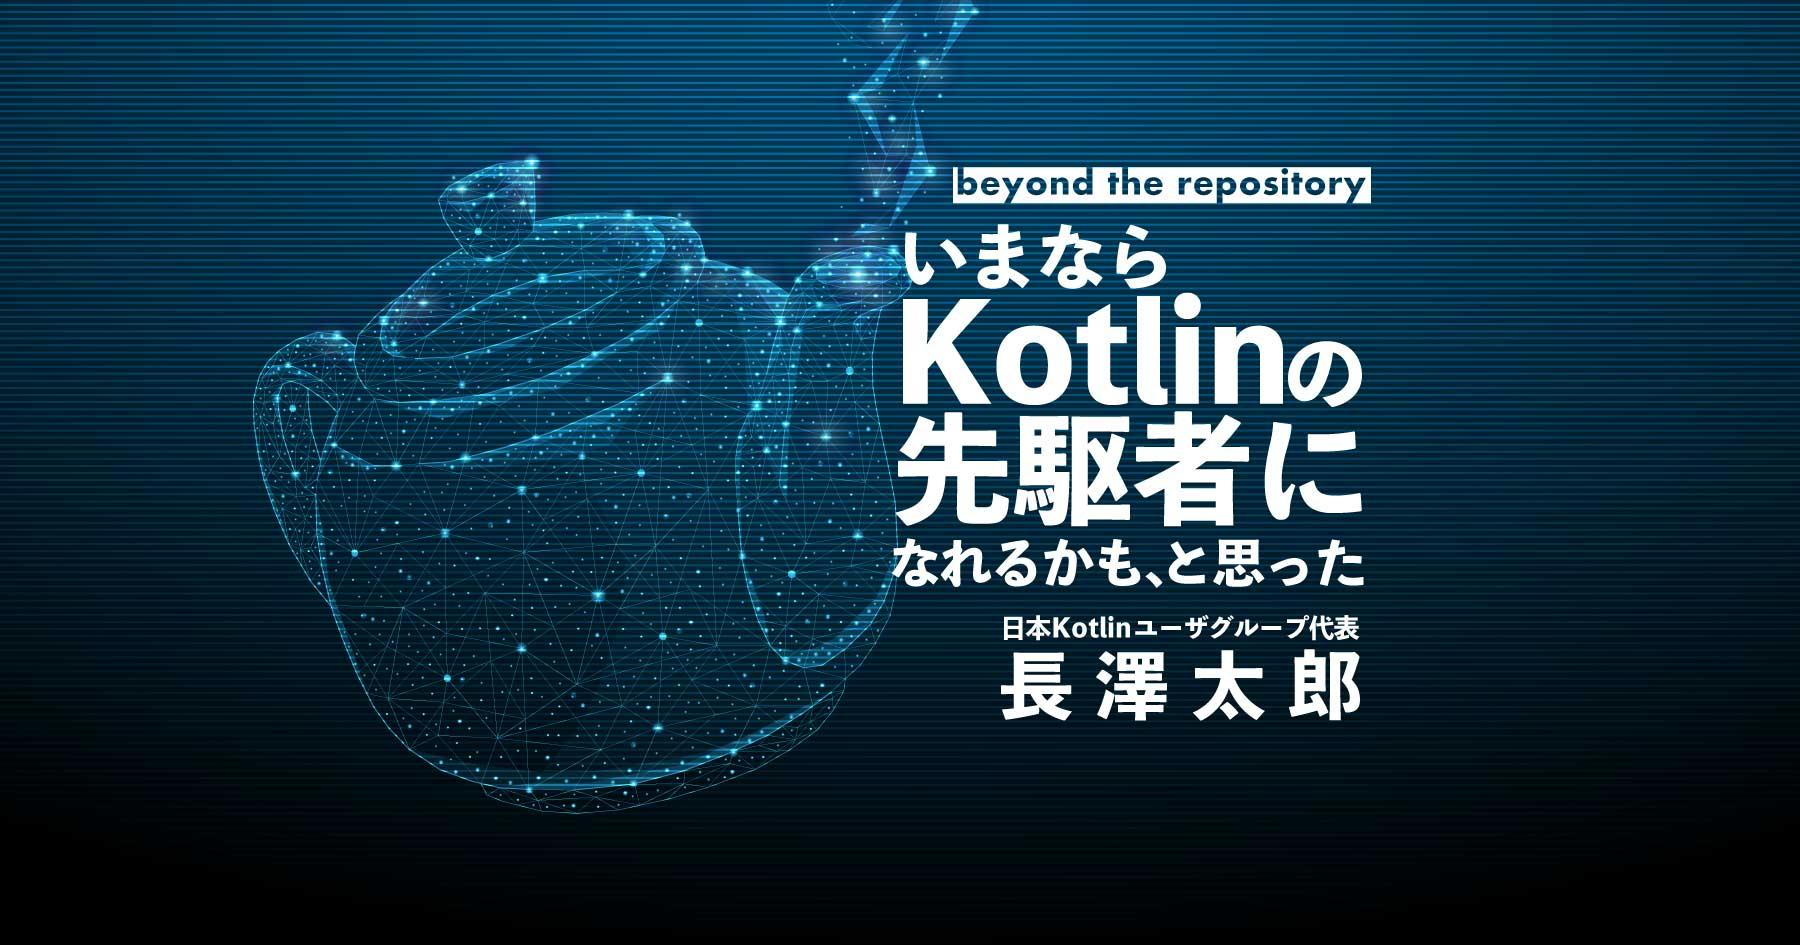 Kotlin長澤さんメインカット